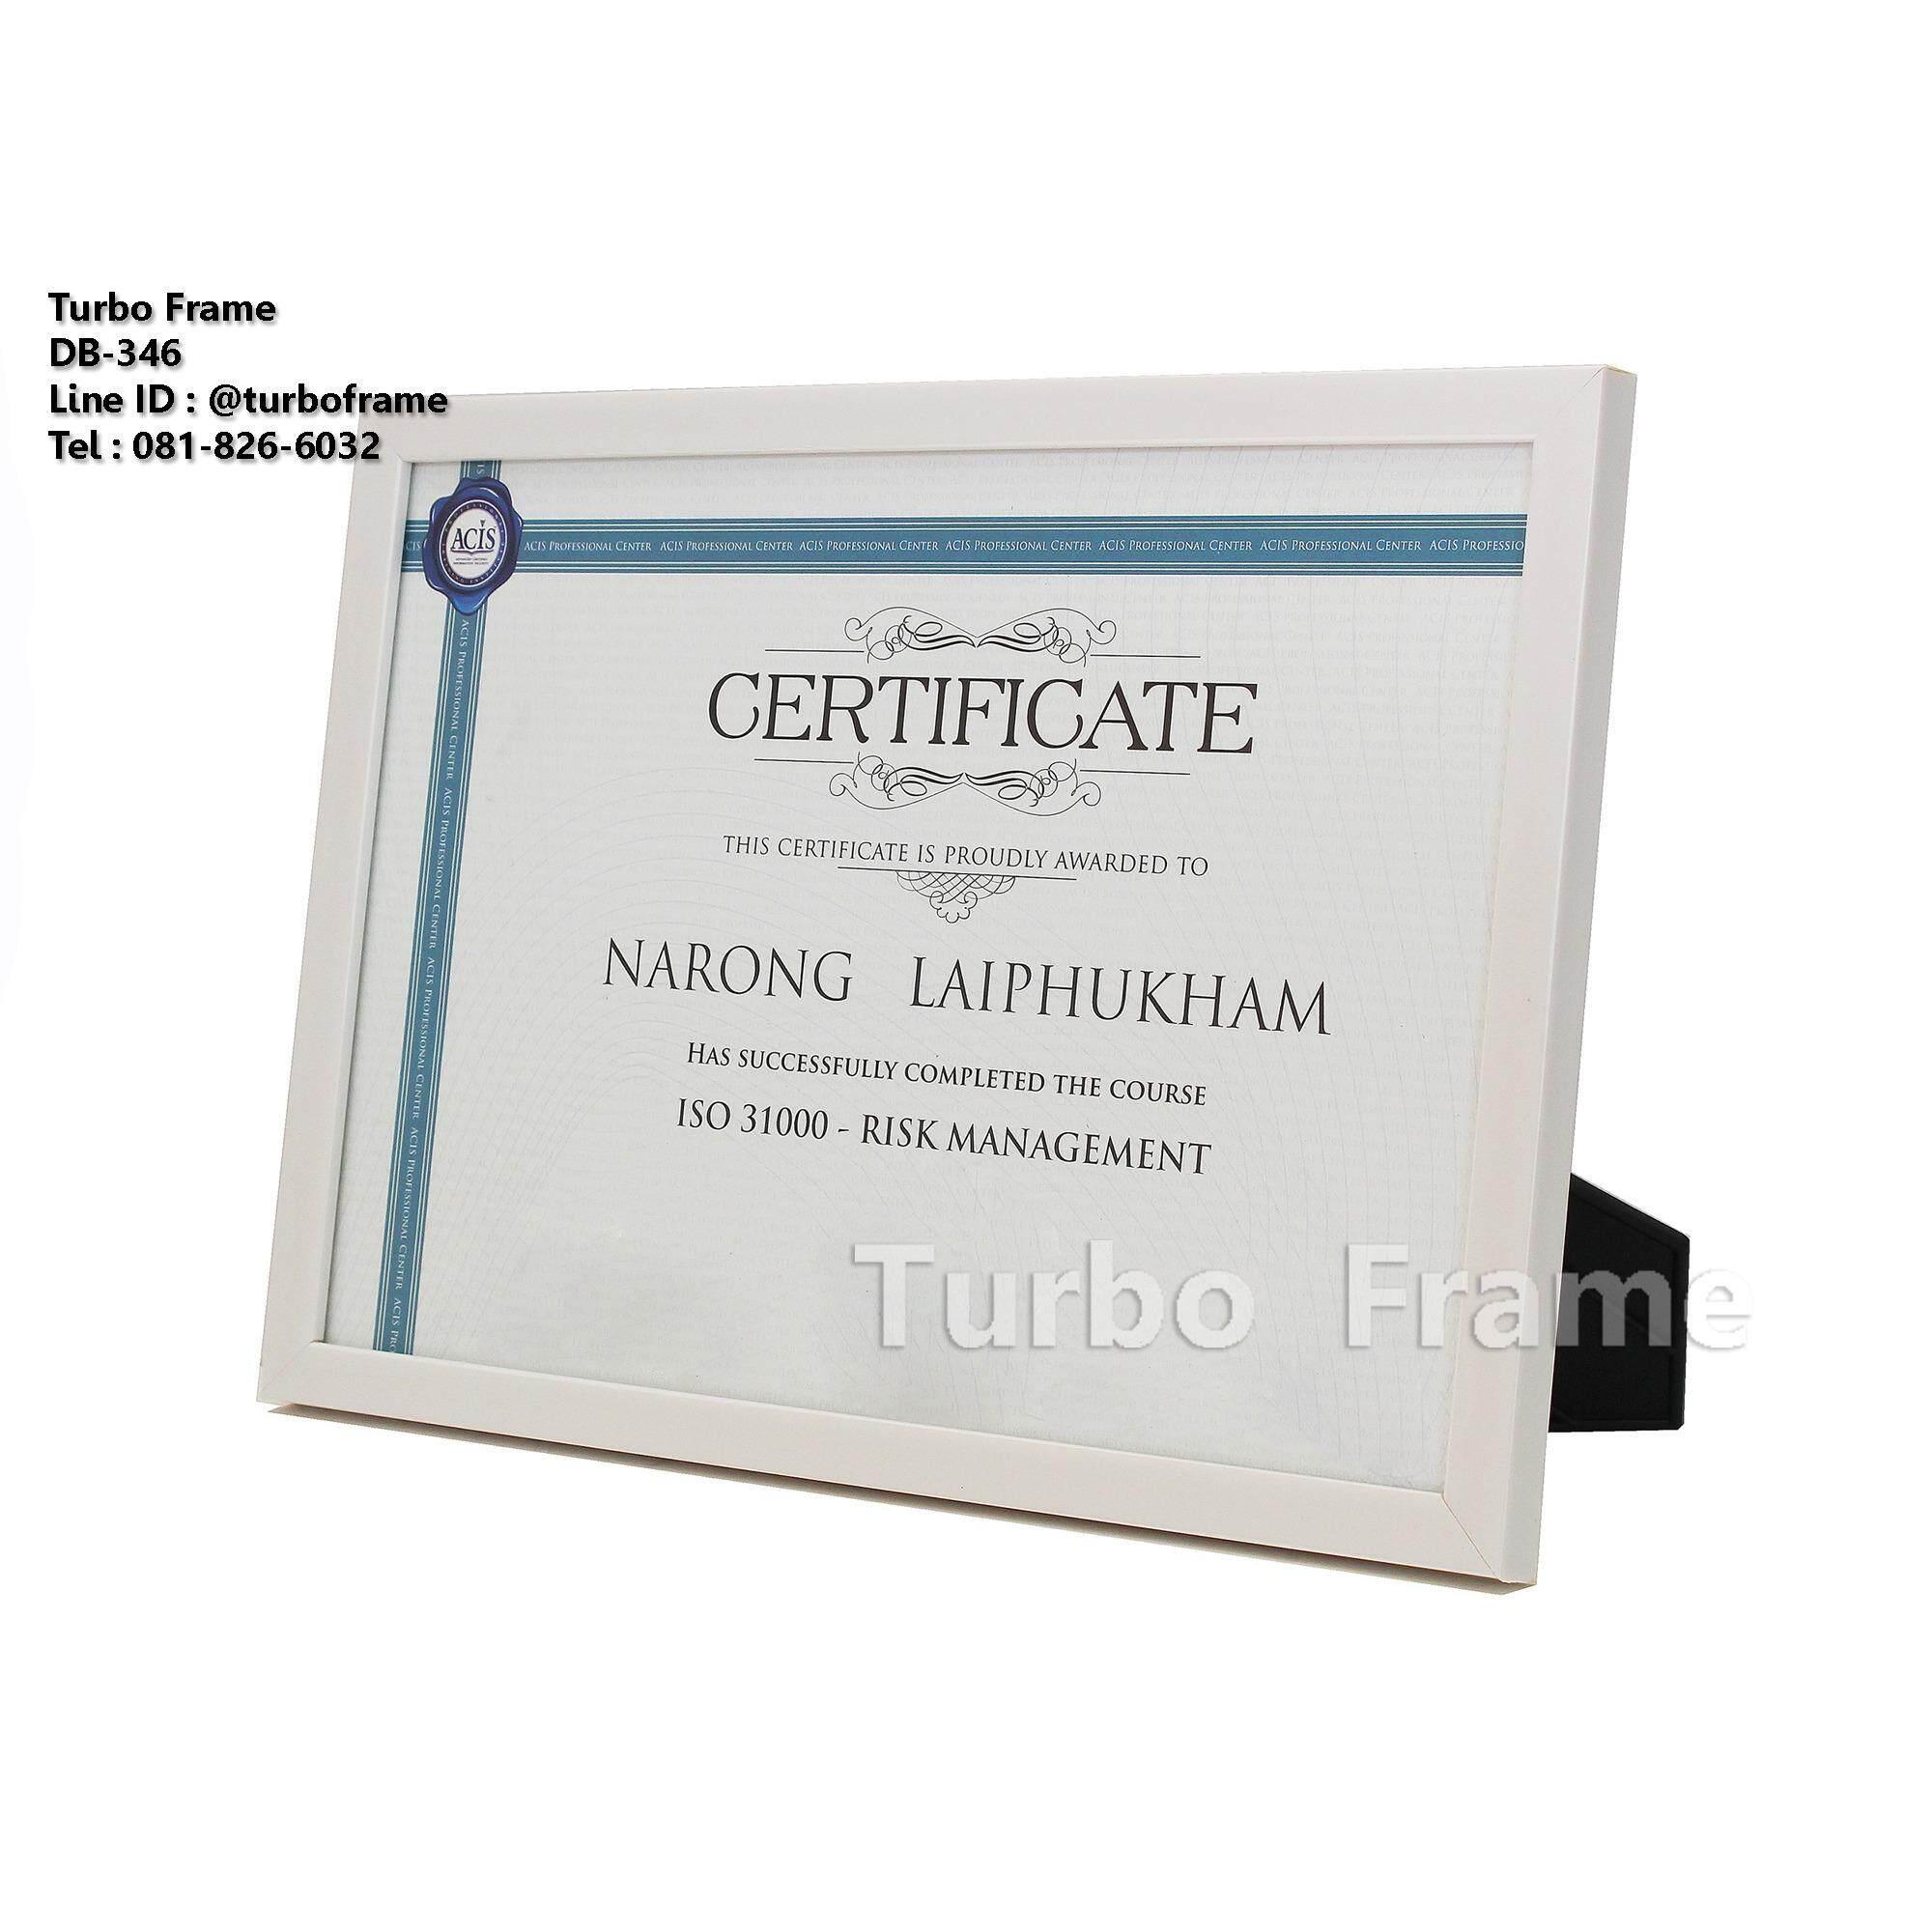 ราคา Turbo Frame กรอบรูปใส่ภาพขนาด A4 ใส่ใบประกาศ ใหม่